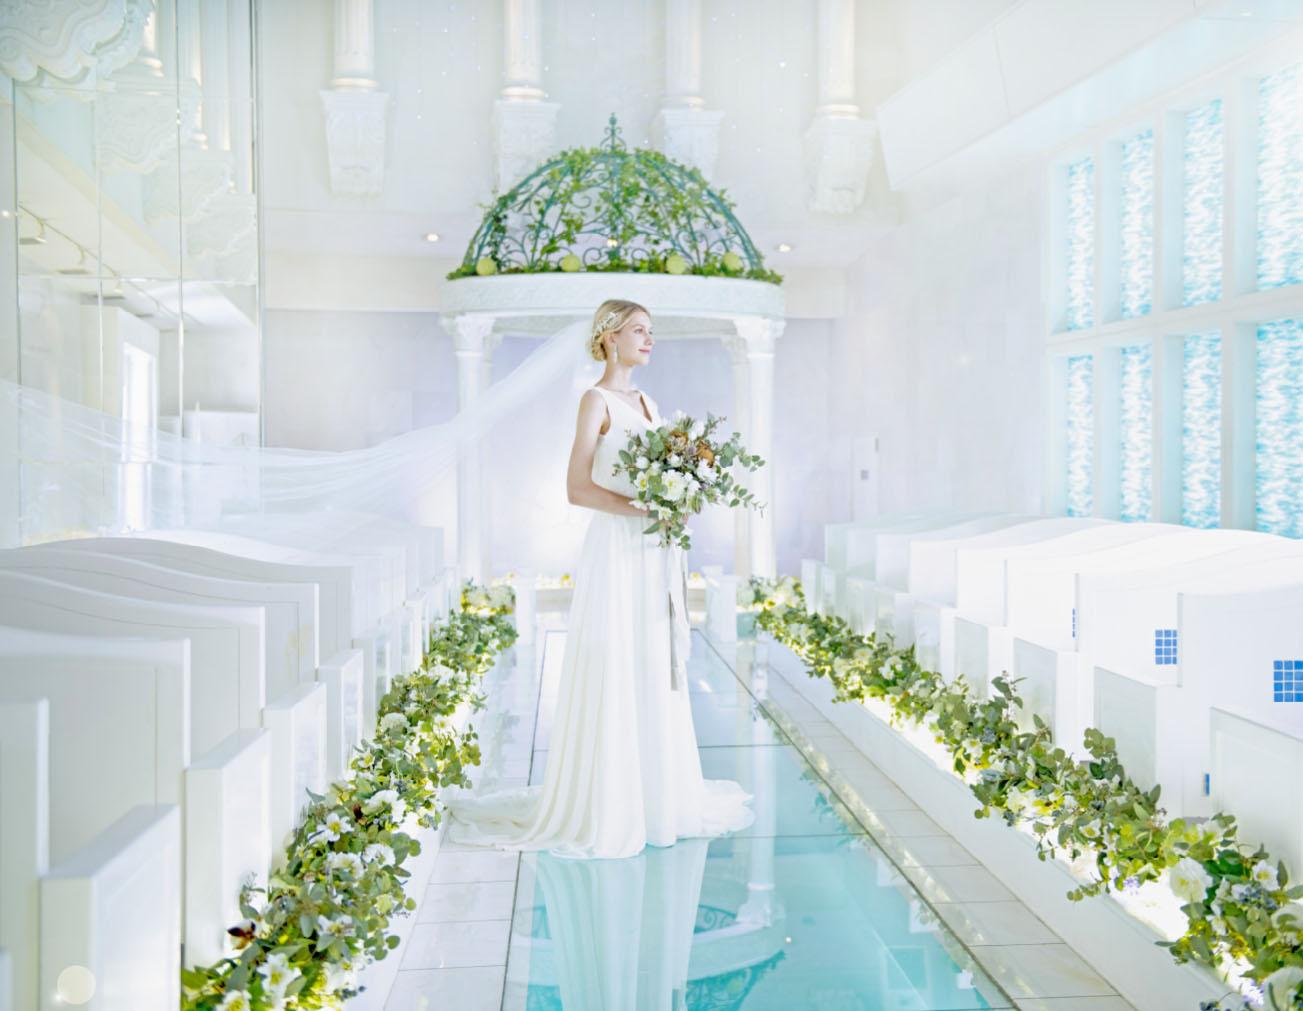 純白の空間に降り注ぐ 祝福の光